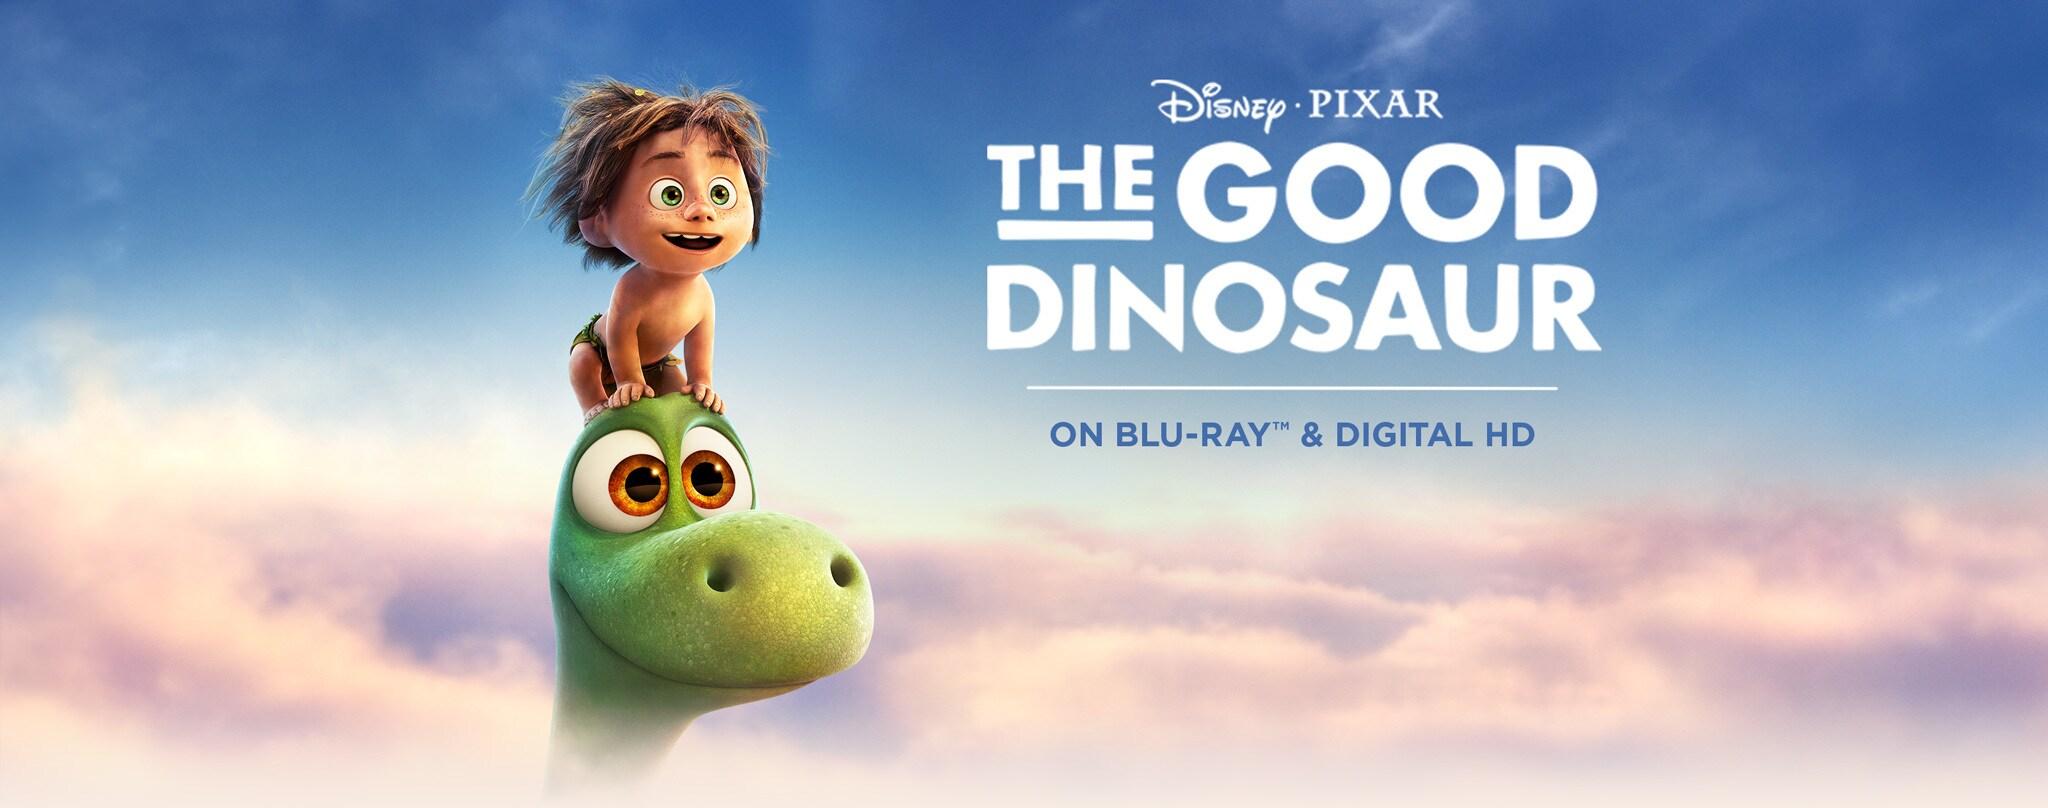 The Good Dinosaur | Disney Movies